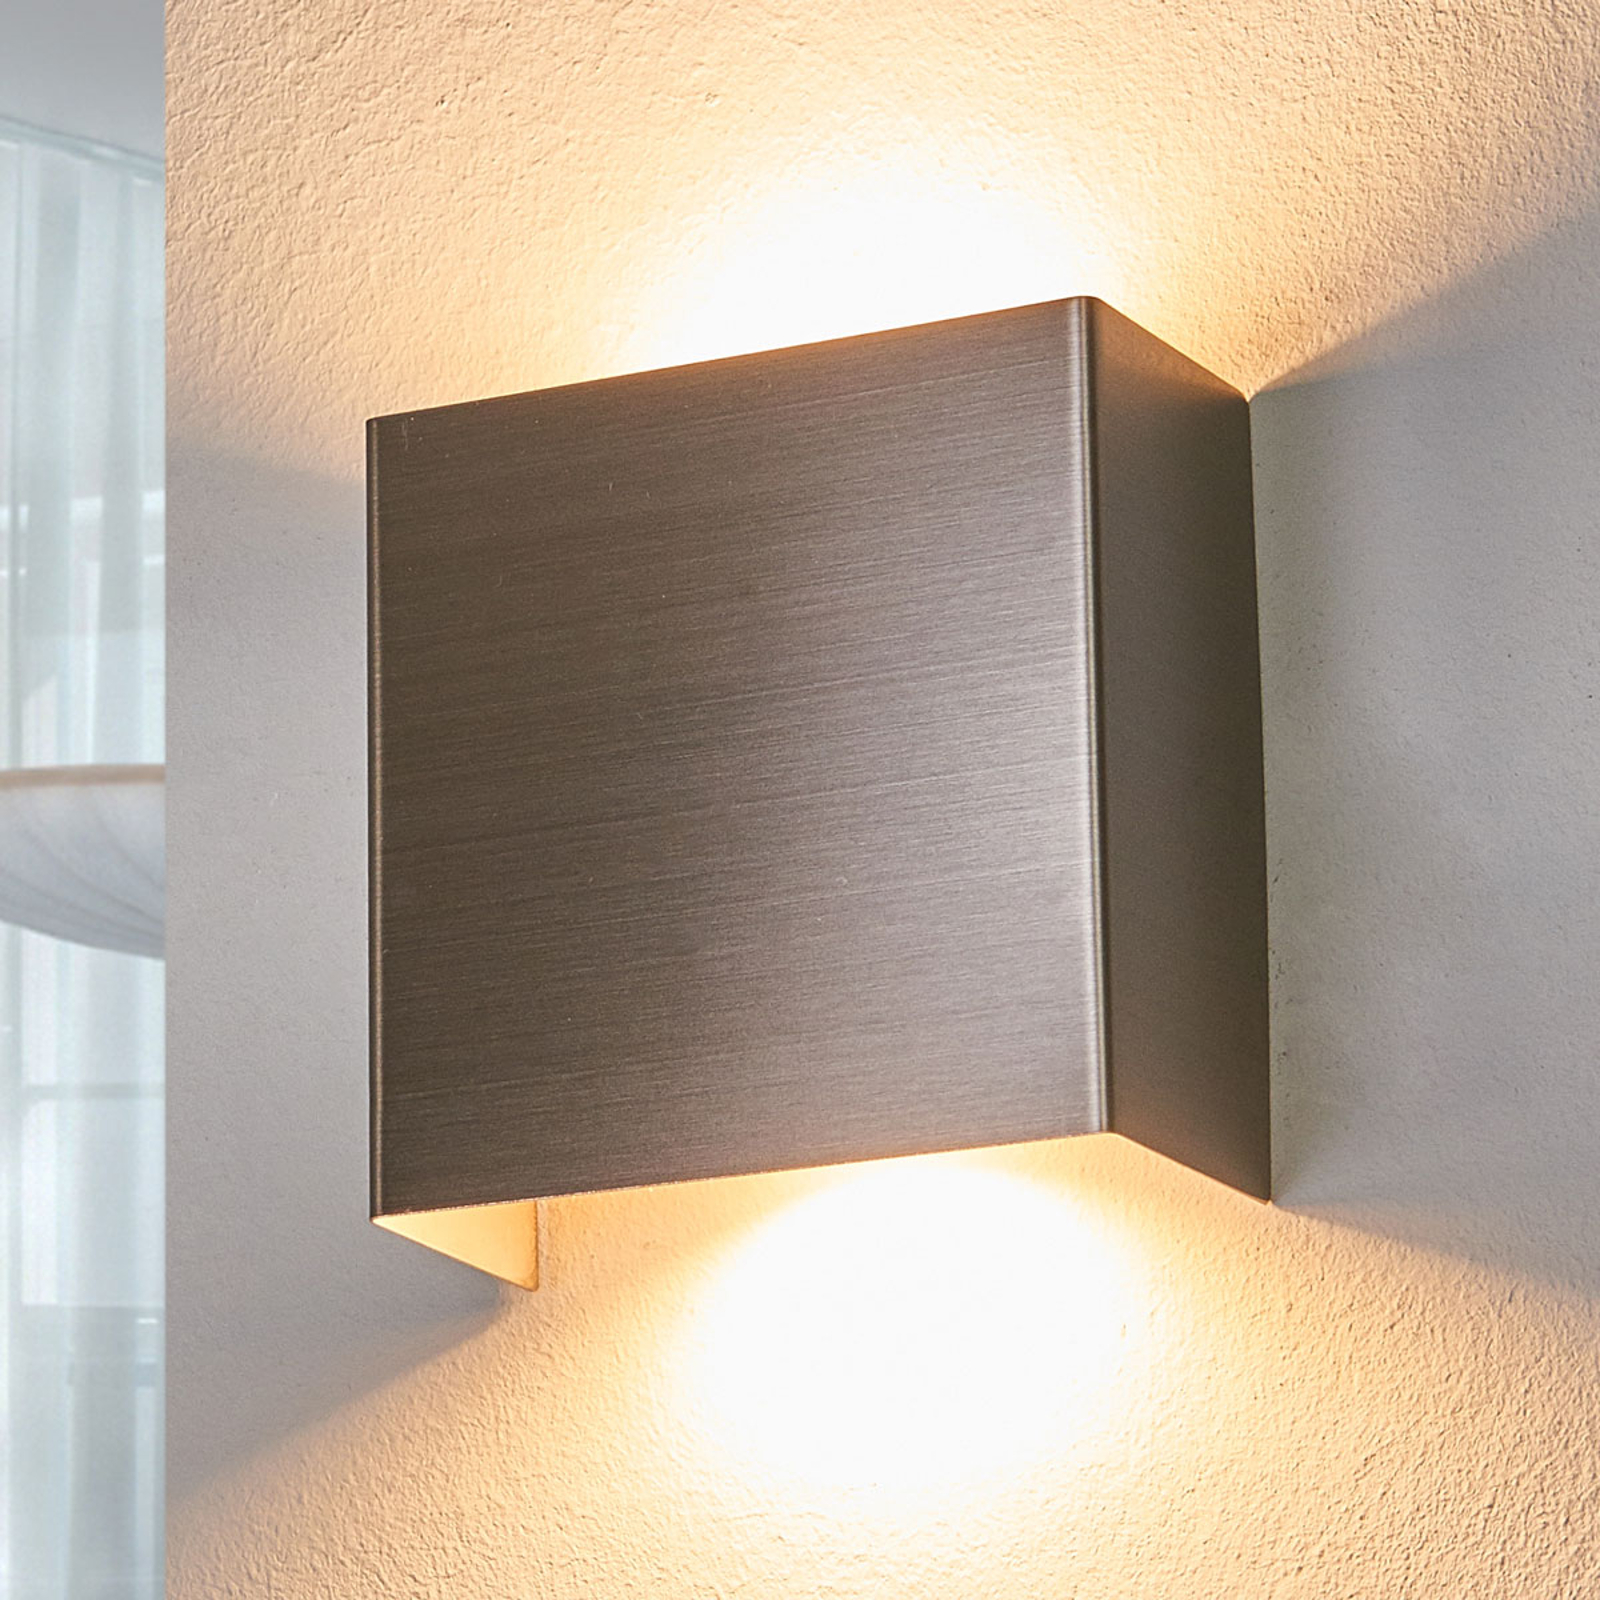 LED-Wandleuchte Manon, nickel satiniert, 10,5 cm